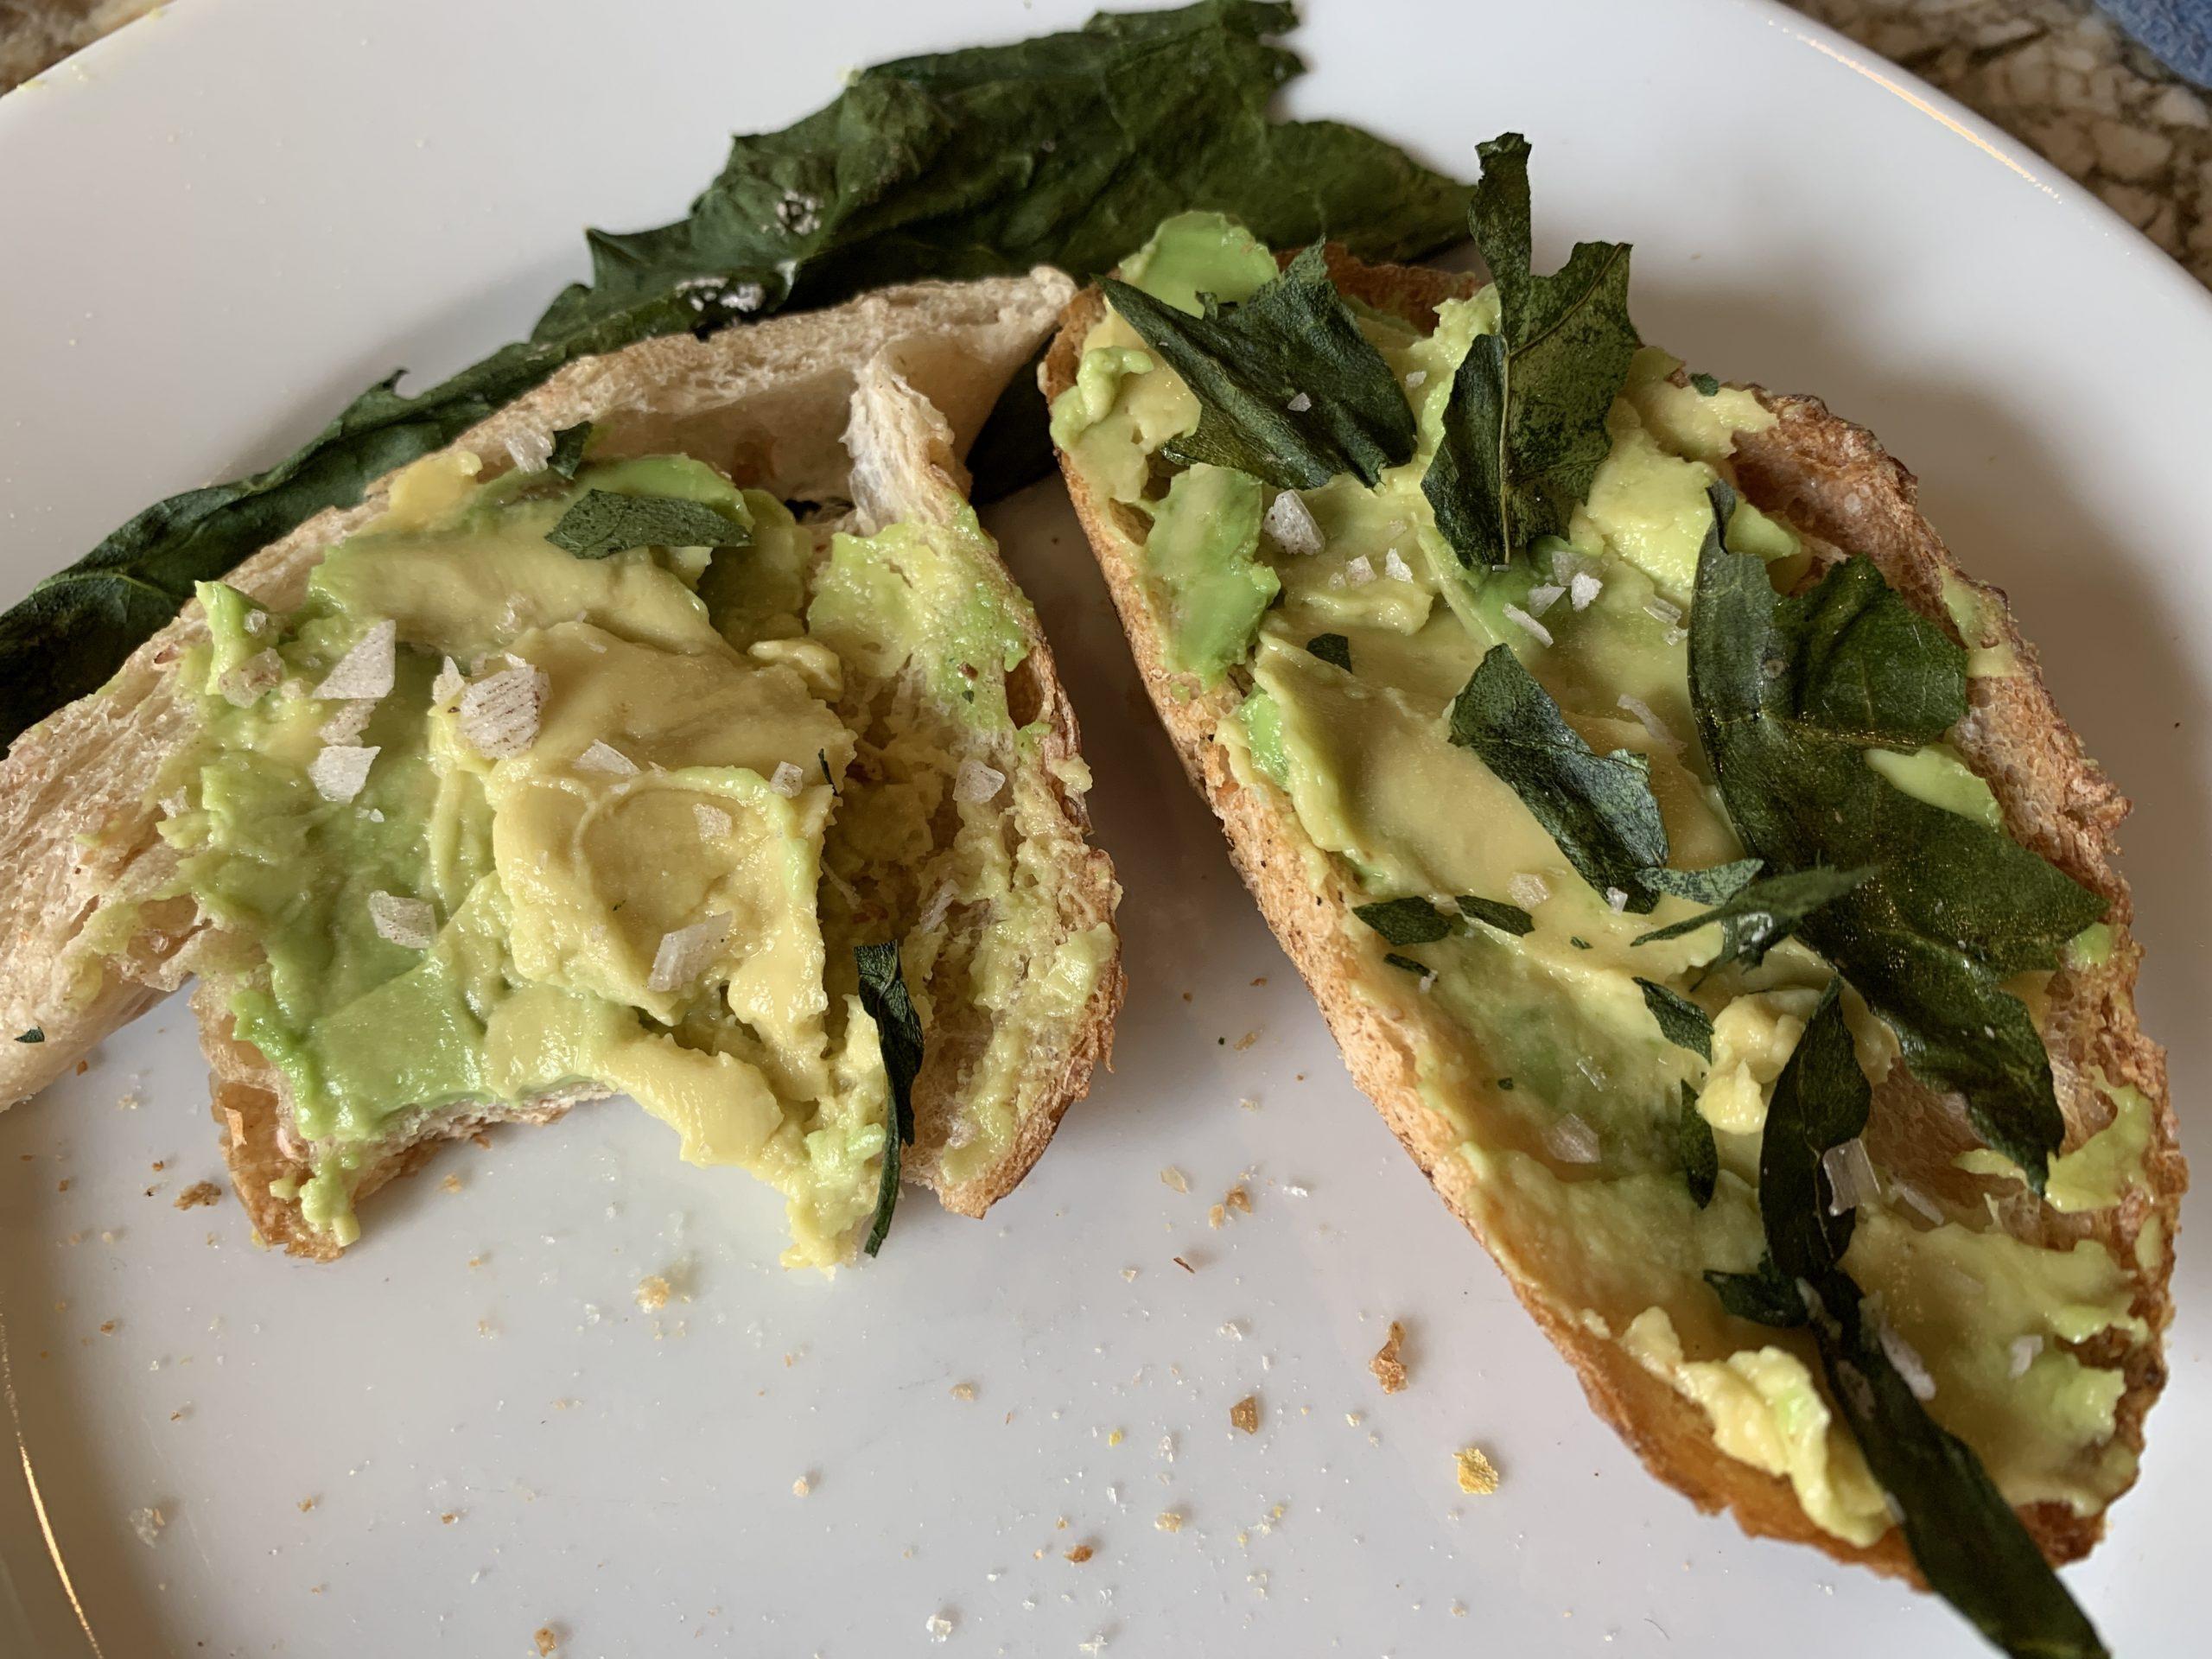 Day 22. Avocado Toast